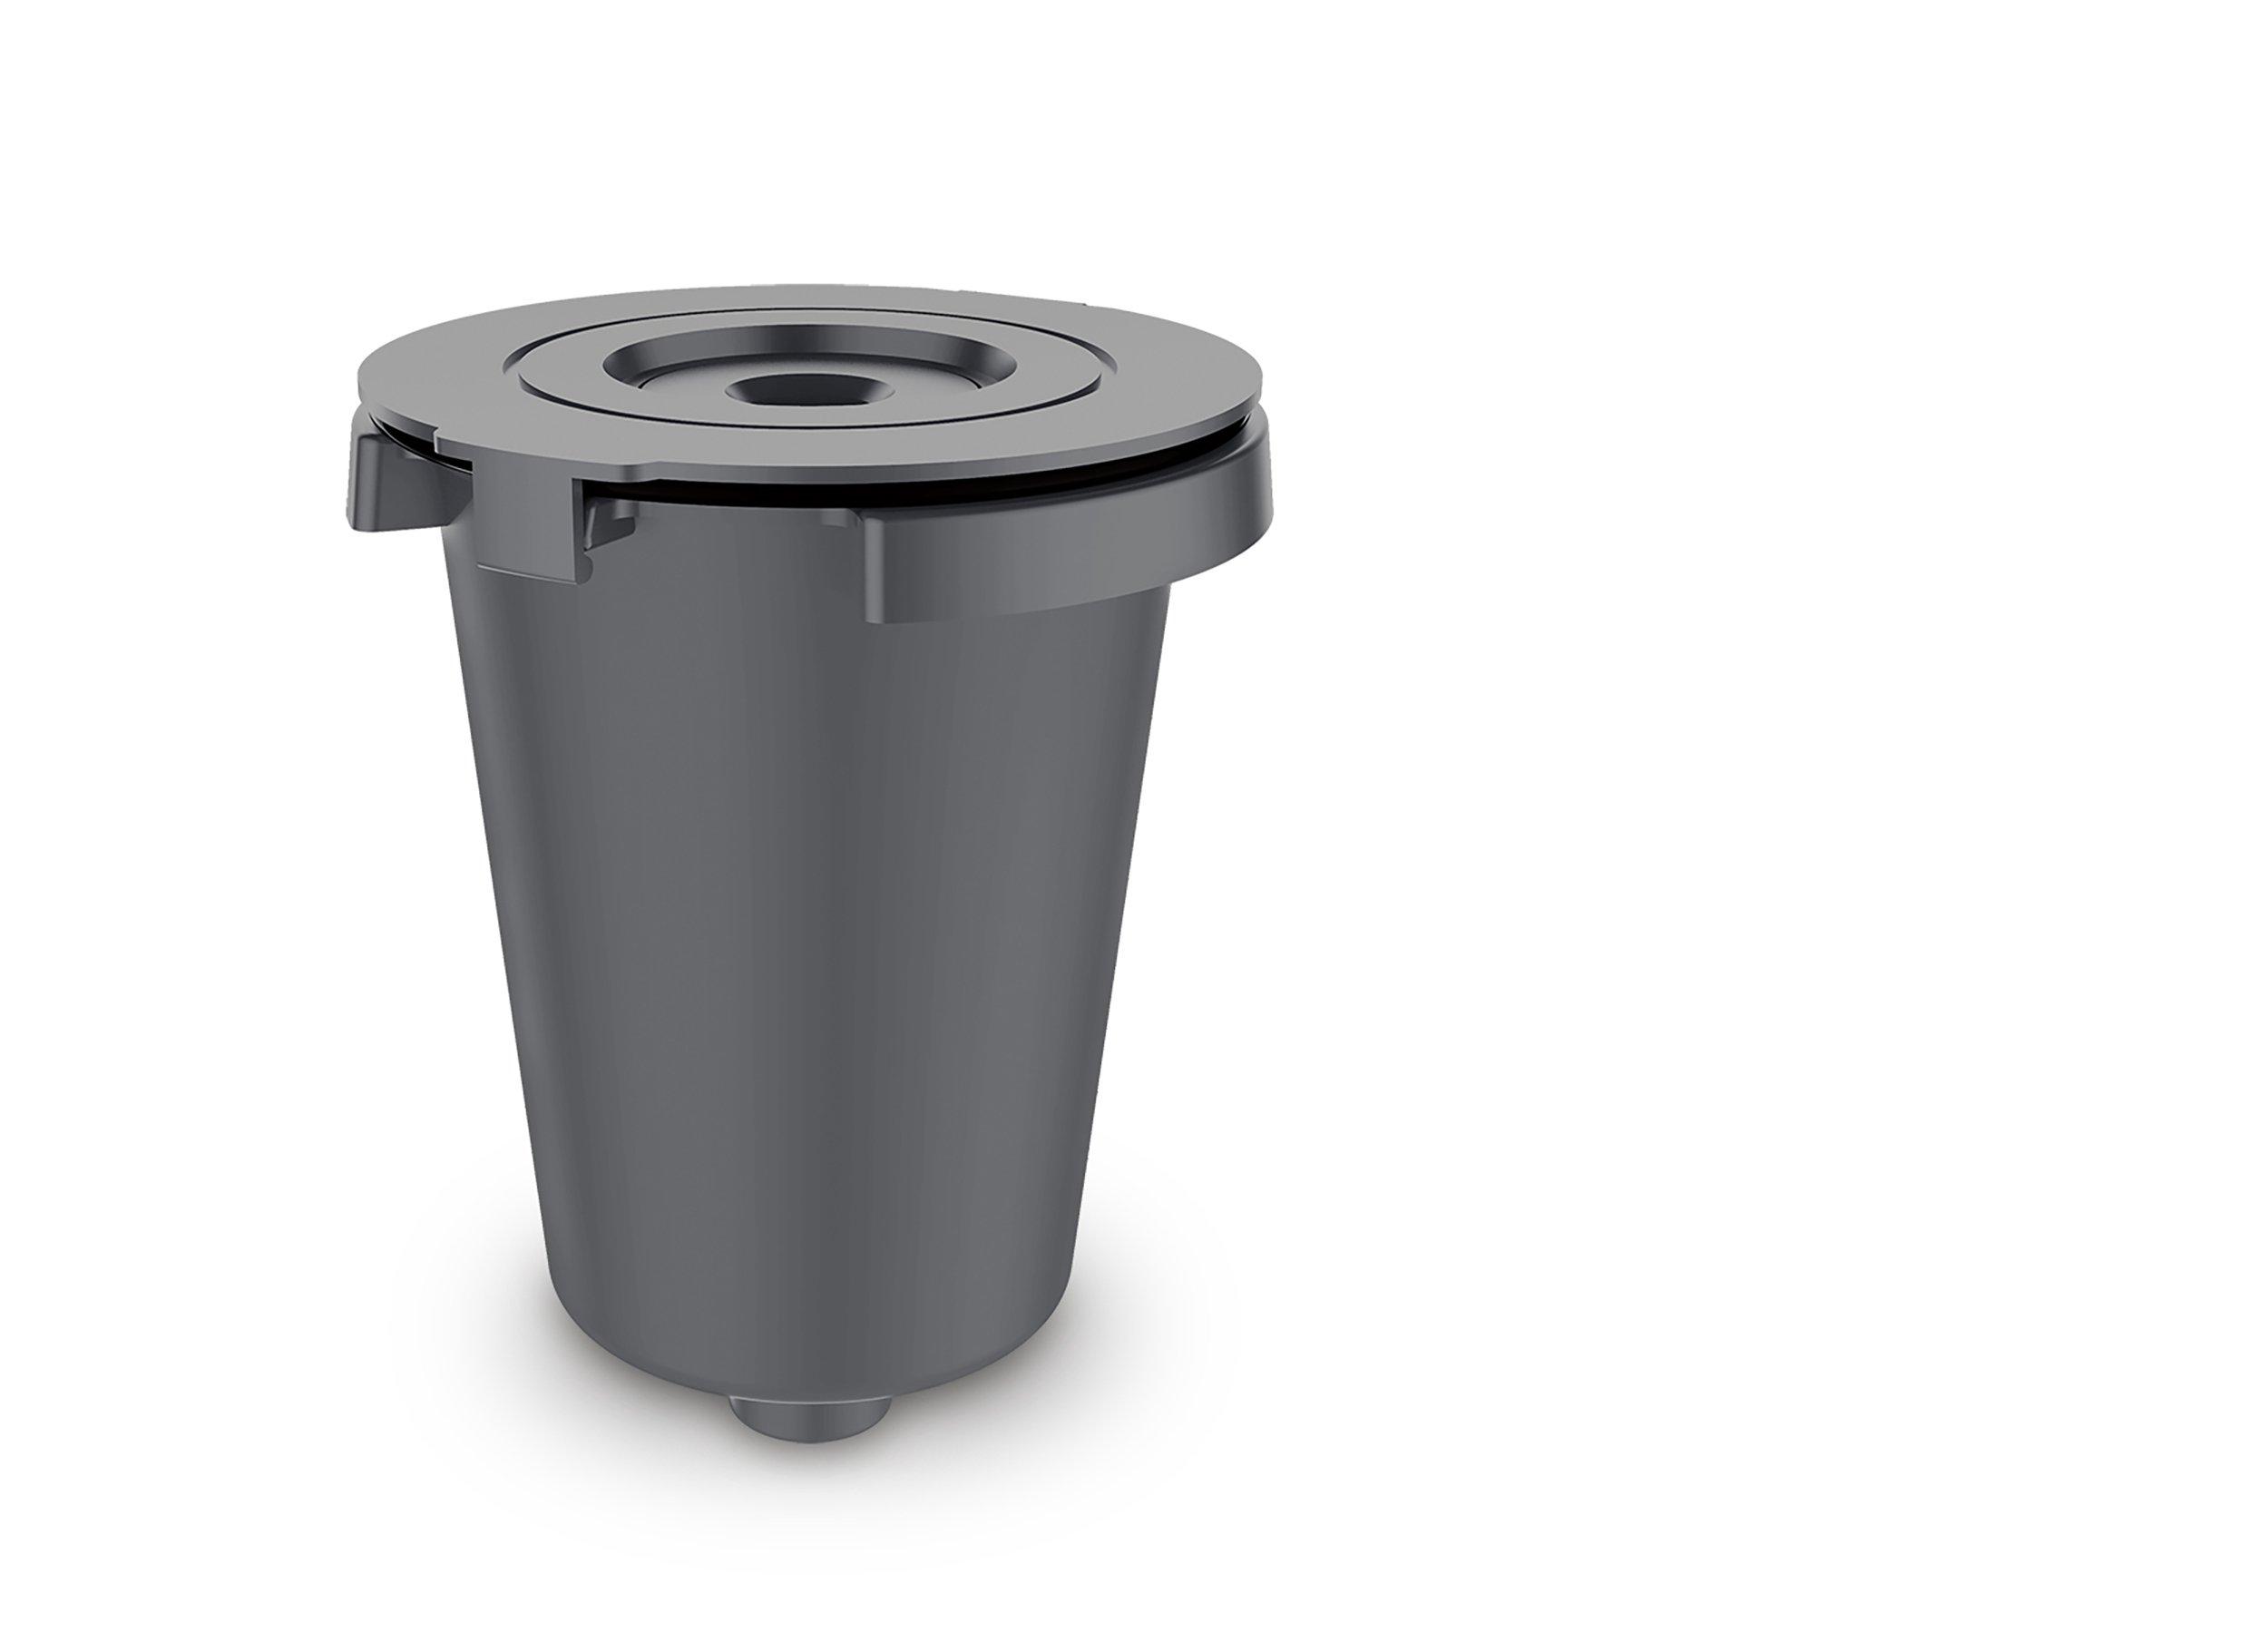 Cuisinart SS-RFC Cuisinart HomeBarista Reusable Filter Cup, Gray by Cuisinart